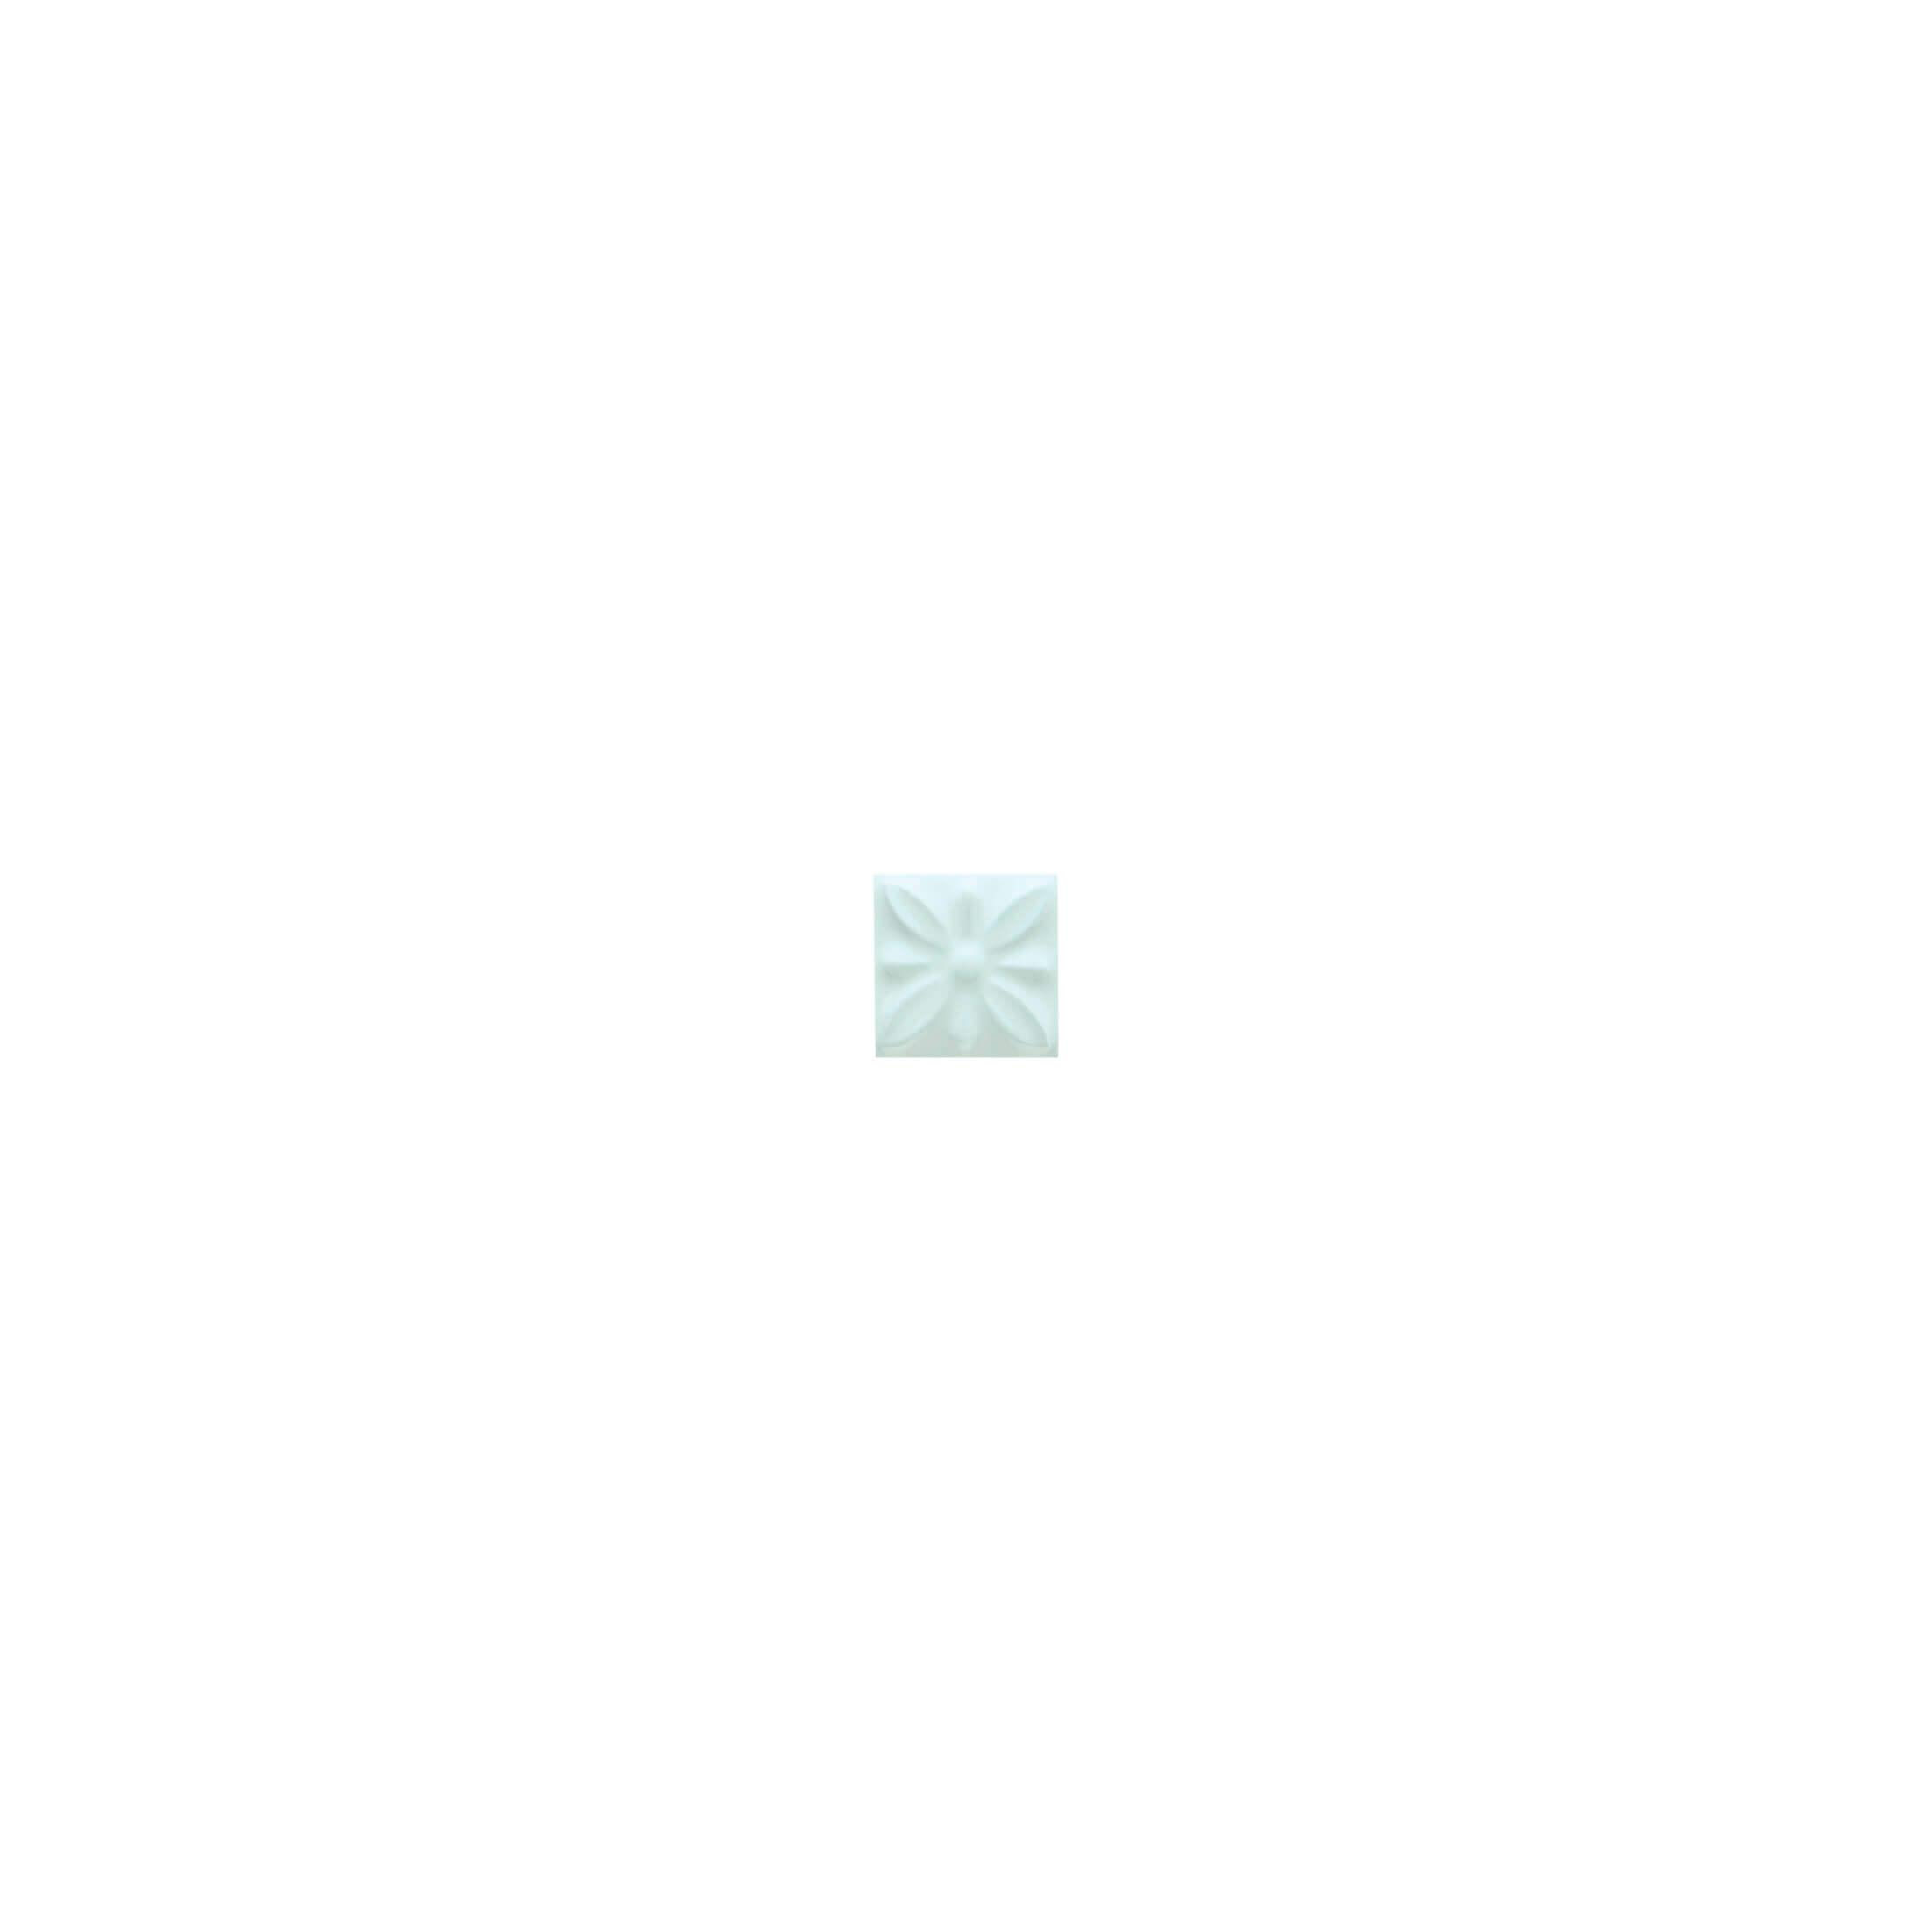 ADST4107 - TACO RELIEVE FLOR Nº 1 - 3 cm X 3 cm